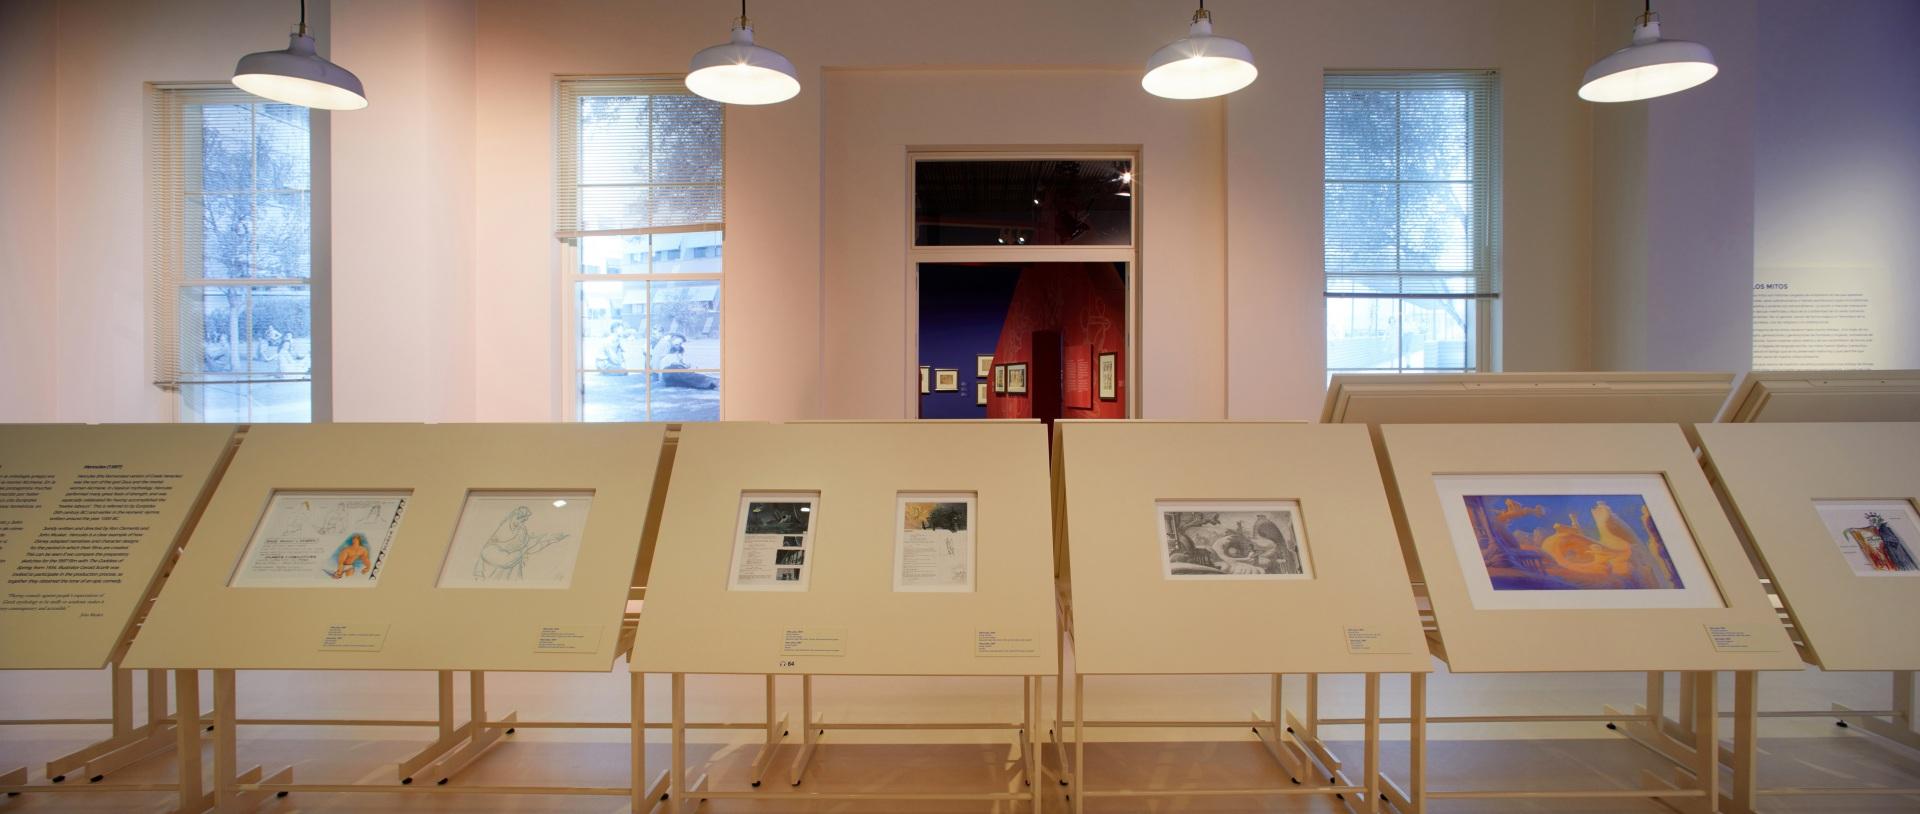 Exposición sobre Walt Disney. Estudio con mesas de dibujo.